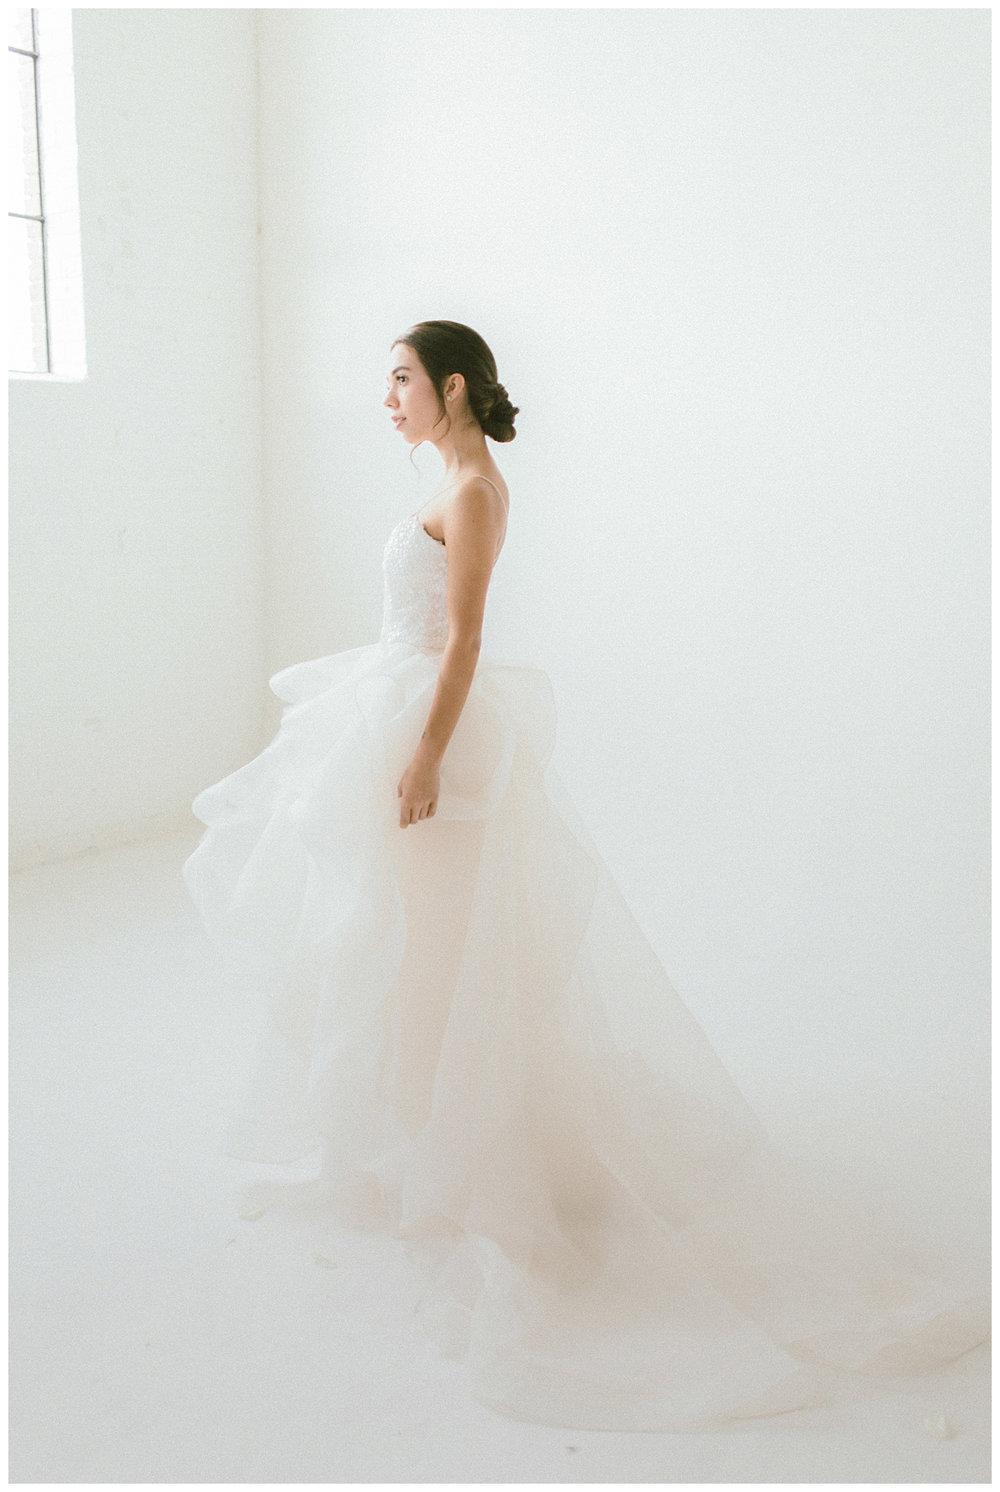 Hong Kong Fine Art Wedding Prewedding Photographer Mattie C. 00048.jpg